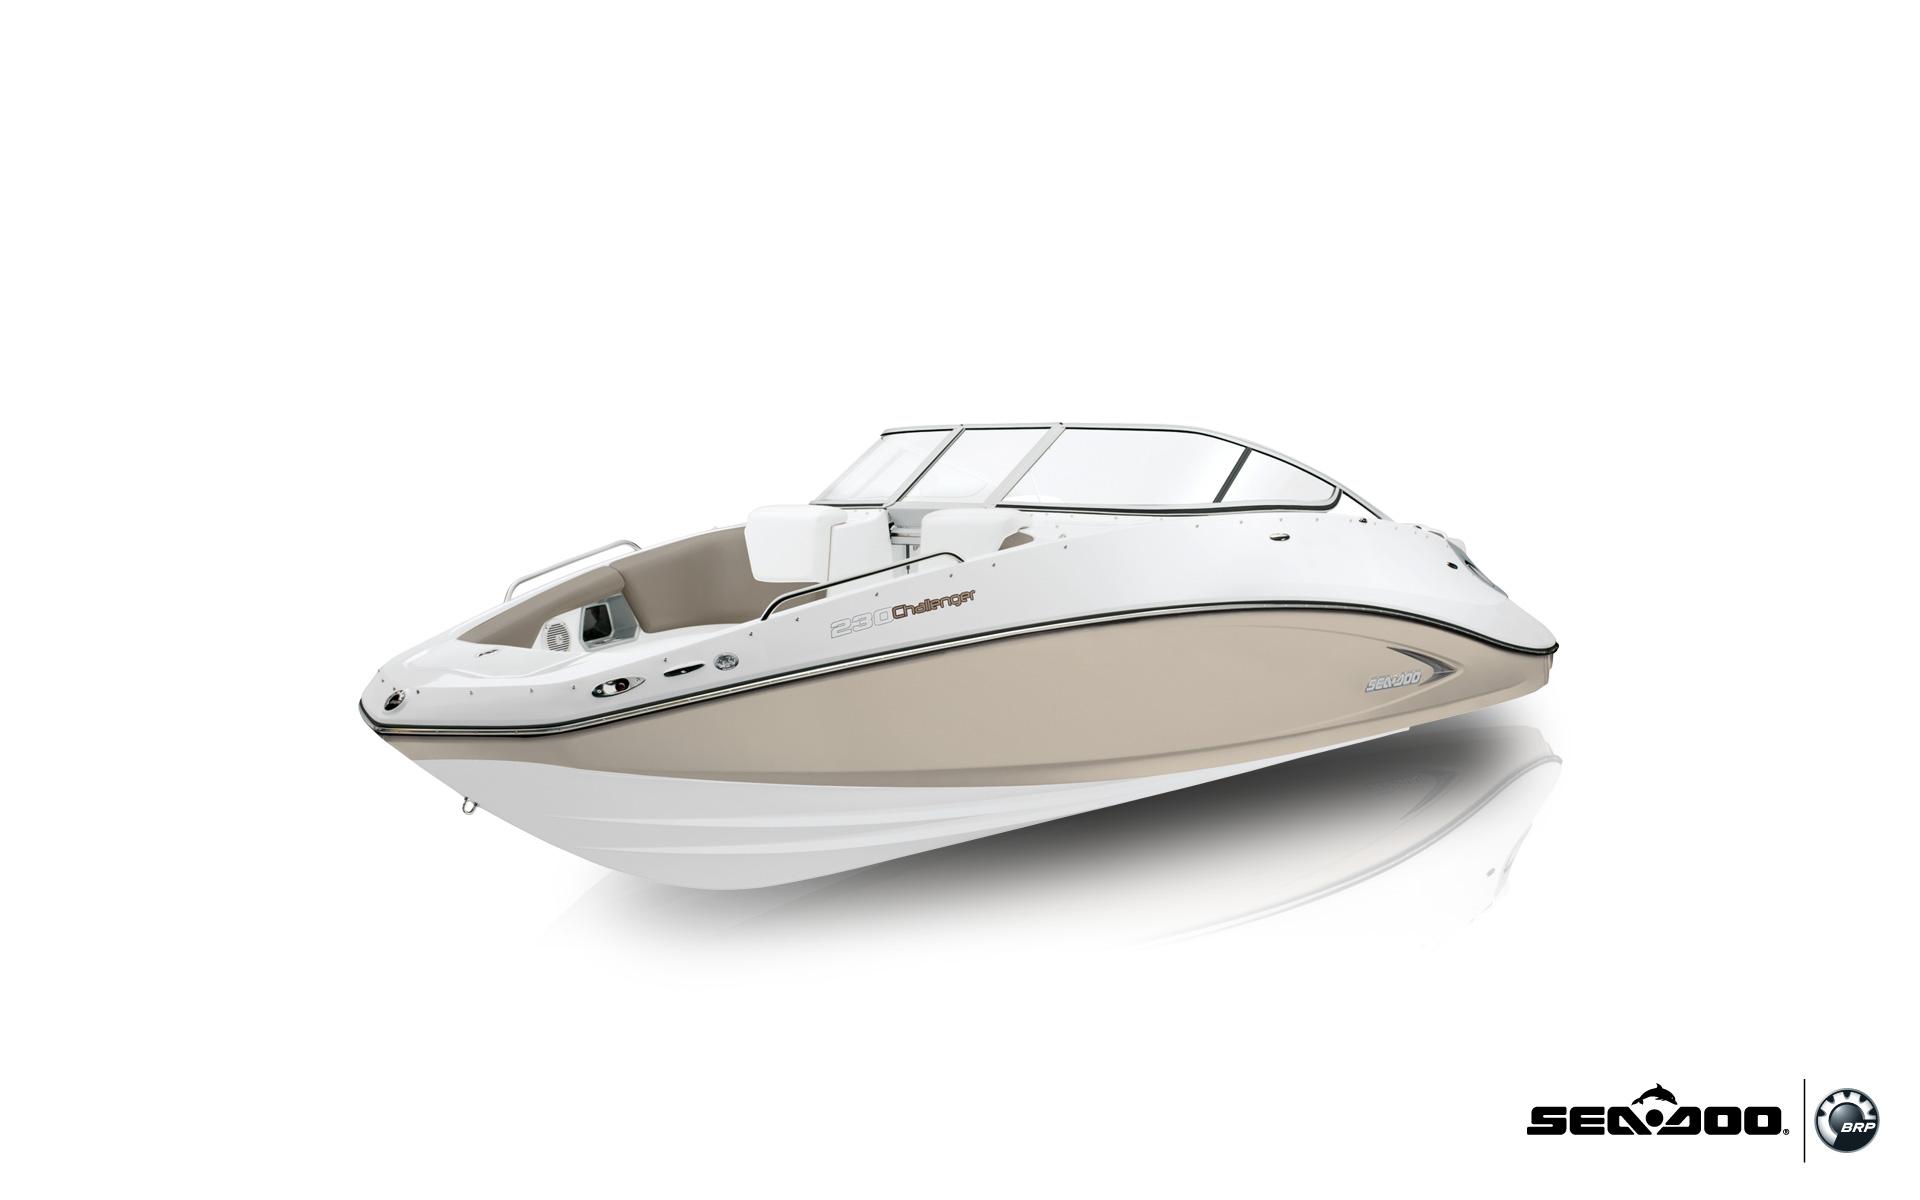 Яхта, фото, для дизайна, корабли, катер